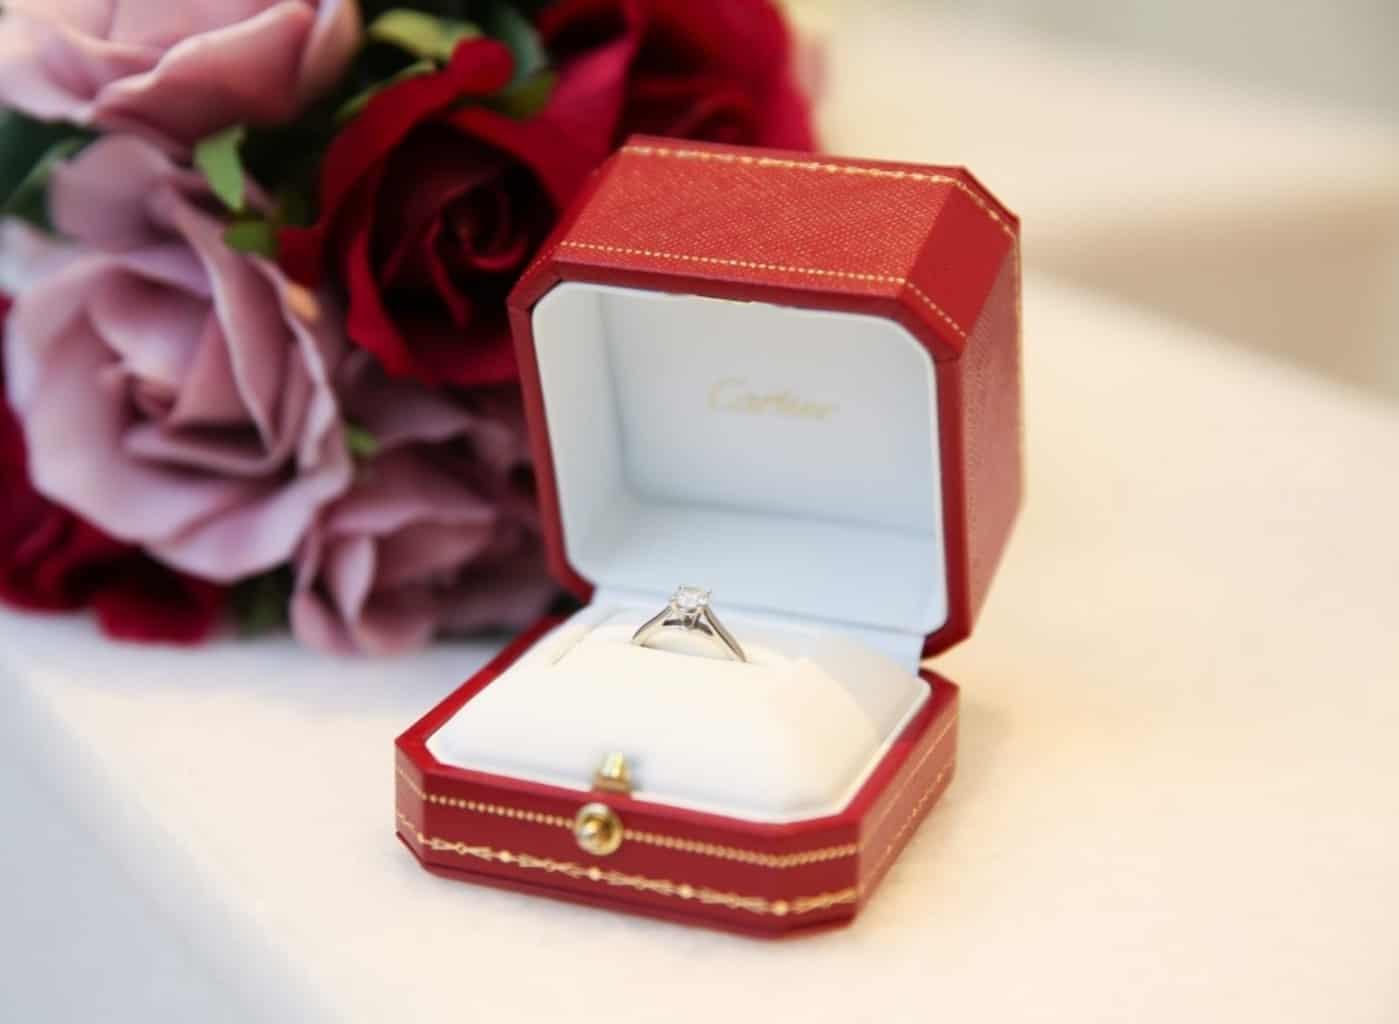 婚約指輪はカルティエが良い!花嫁のリアルな評判・体験を集めました♡のカバー写真